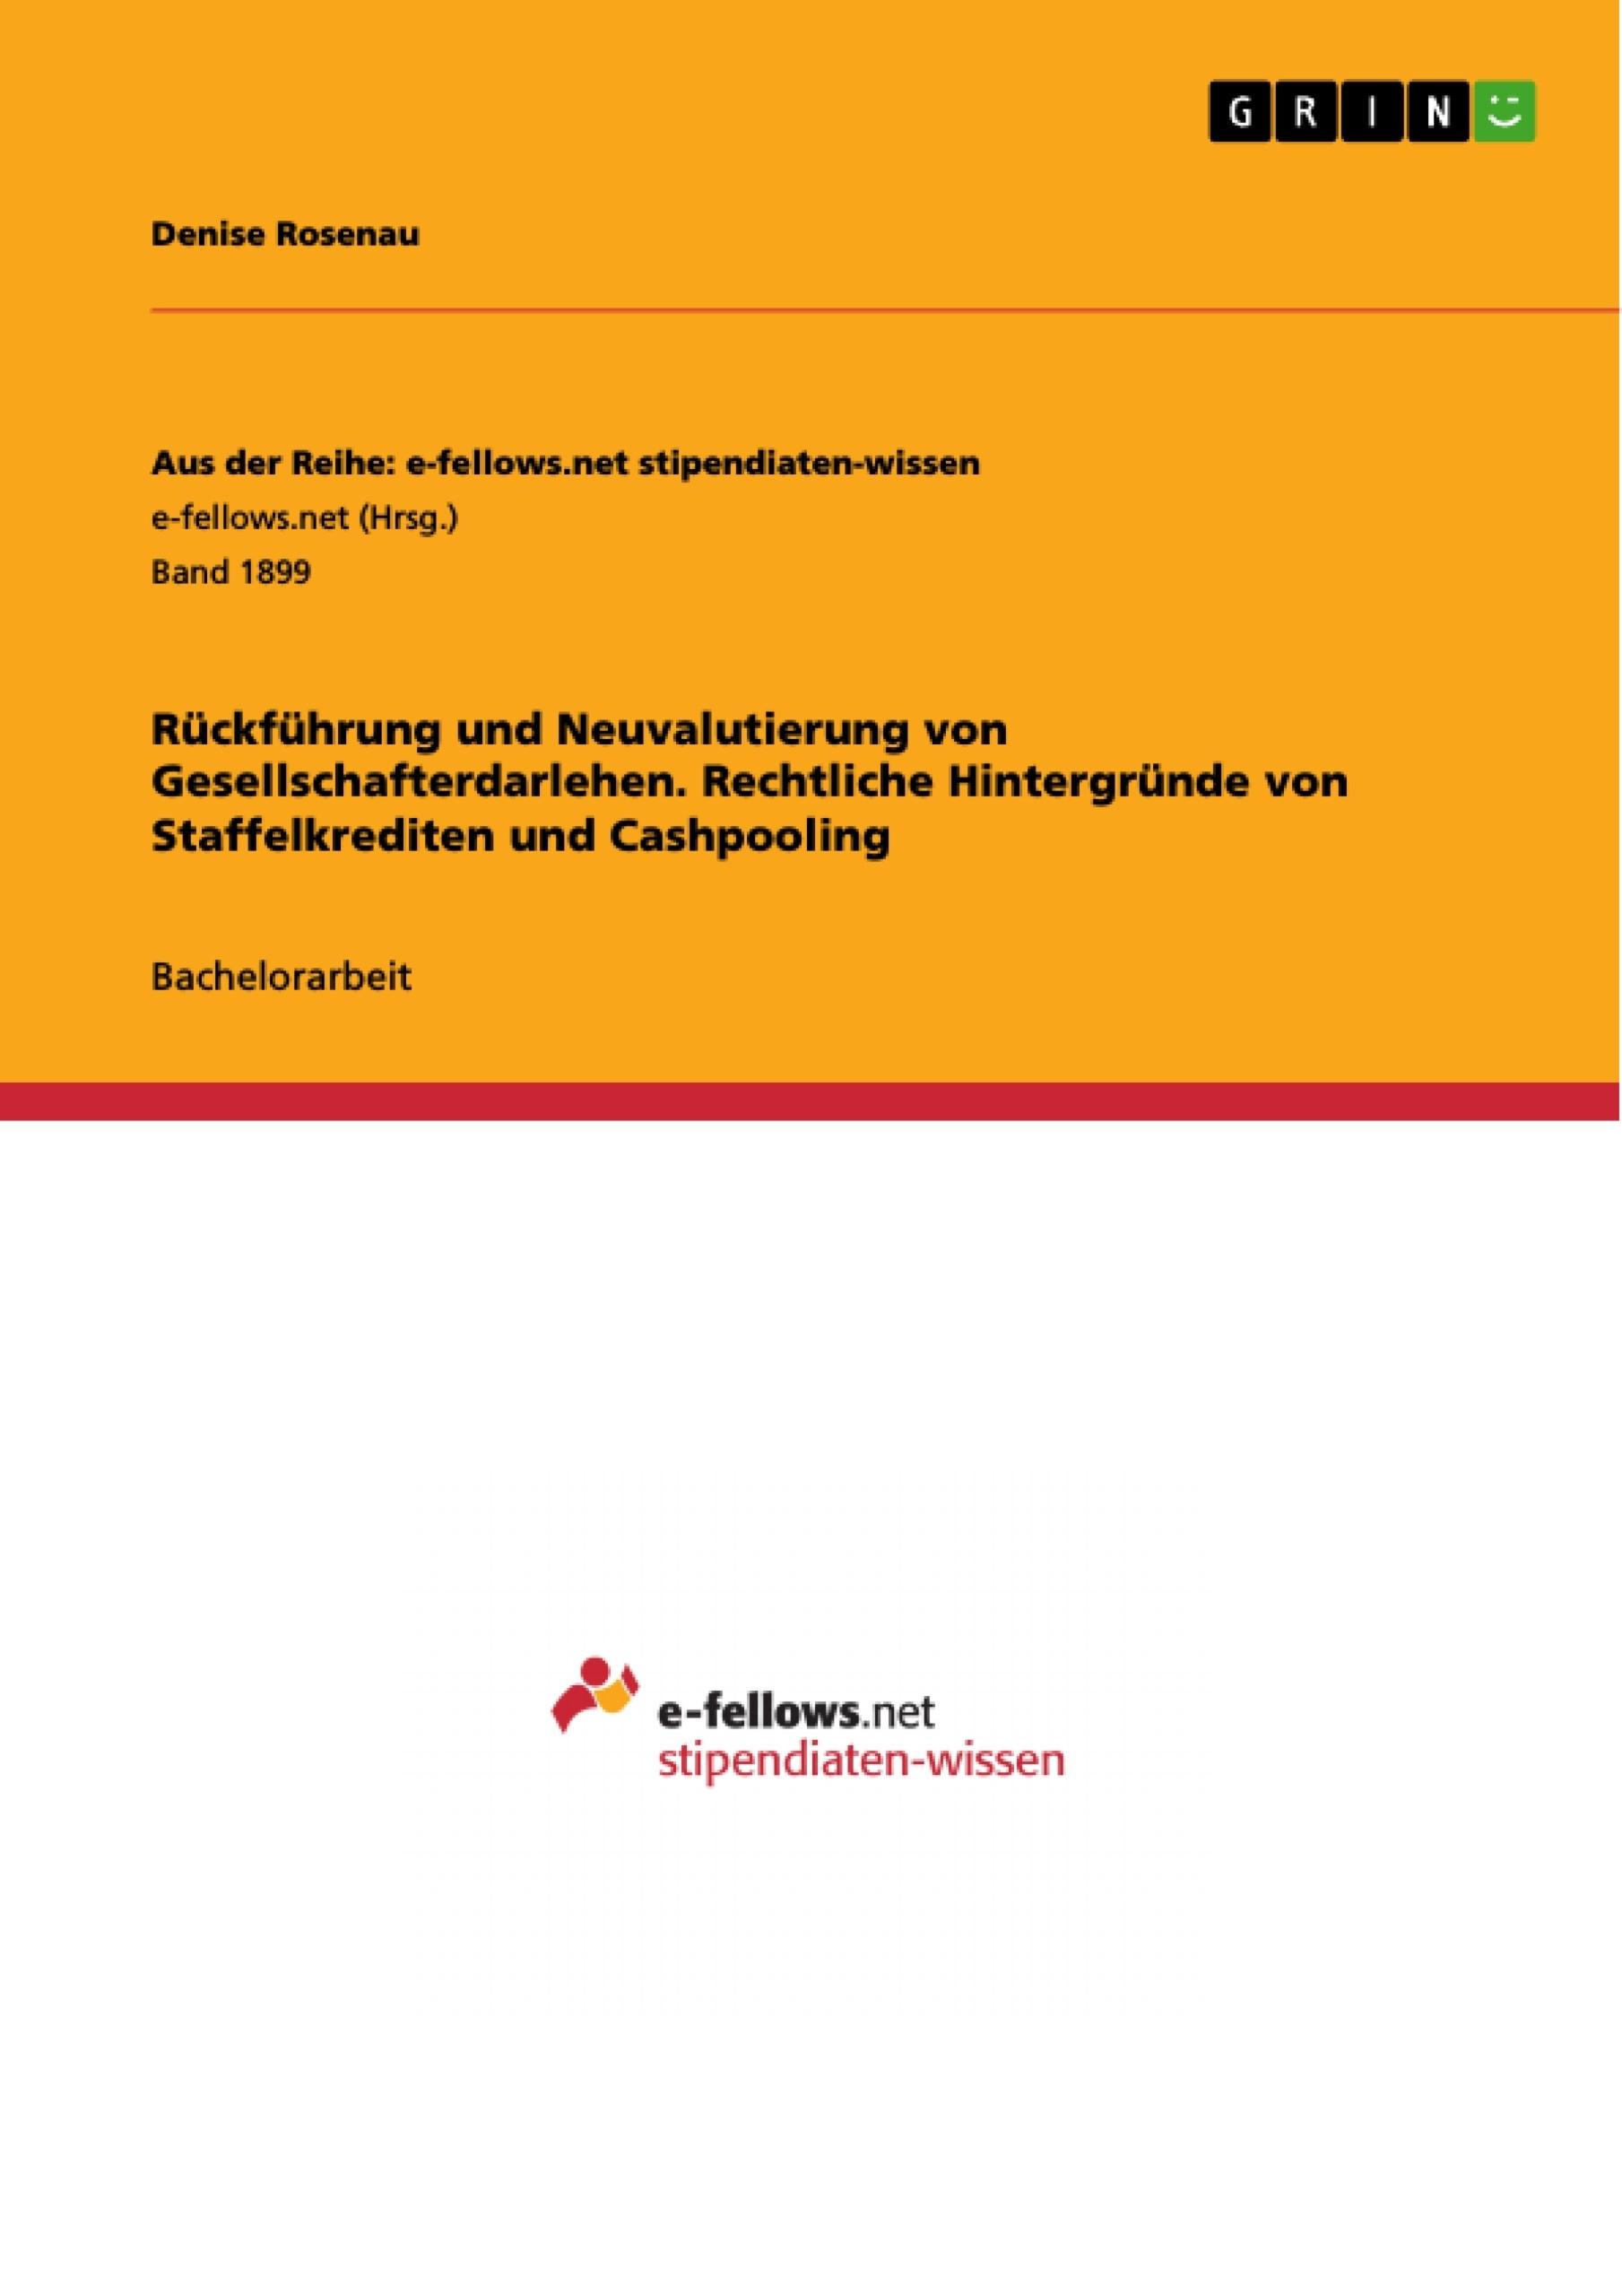 Titel: Rückführung und Neuvalutierung von Gesellschafterdarlehen. Rechtliche Hintergründe von Staffelkrediten und Cashpooling